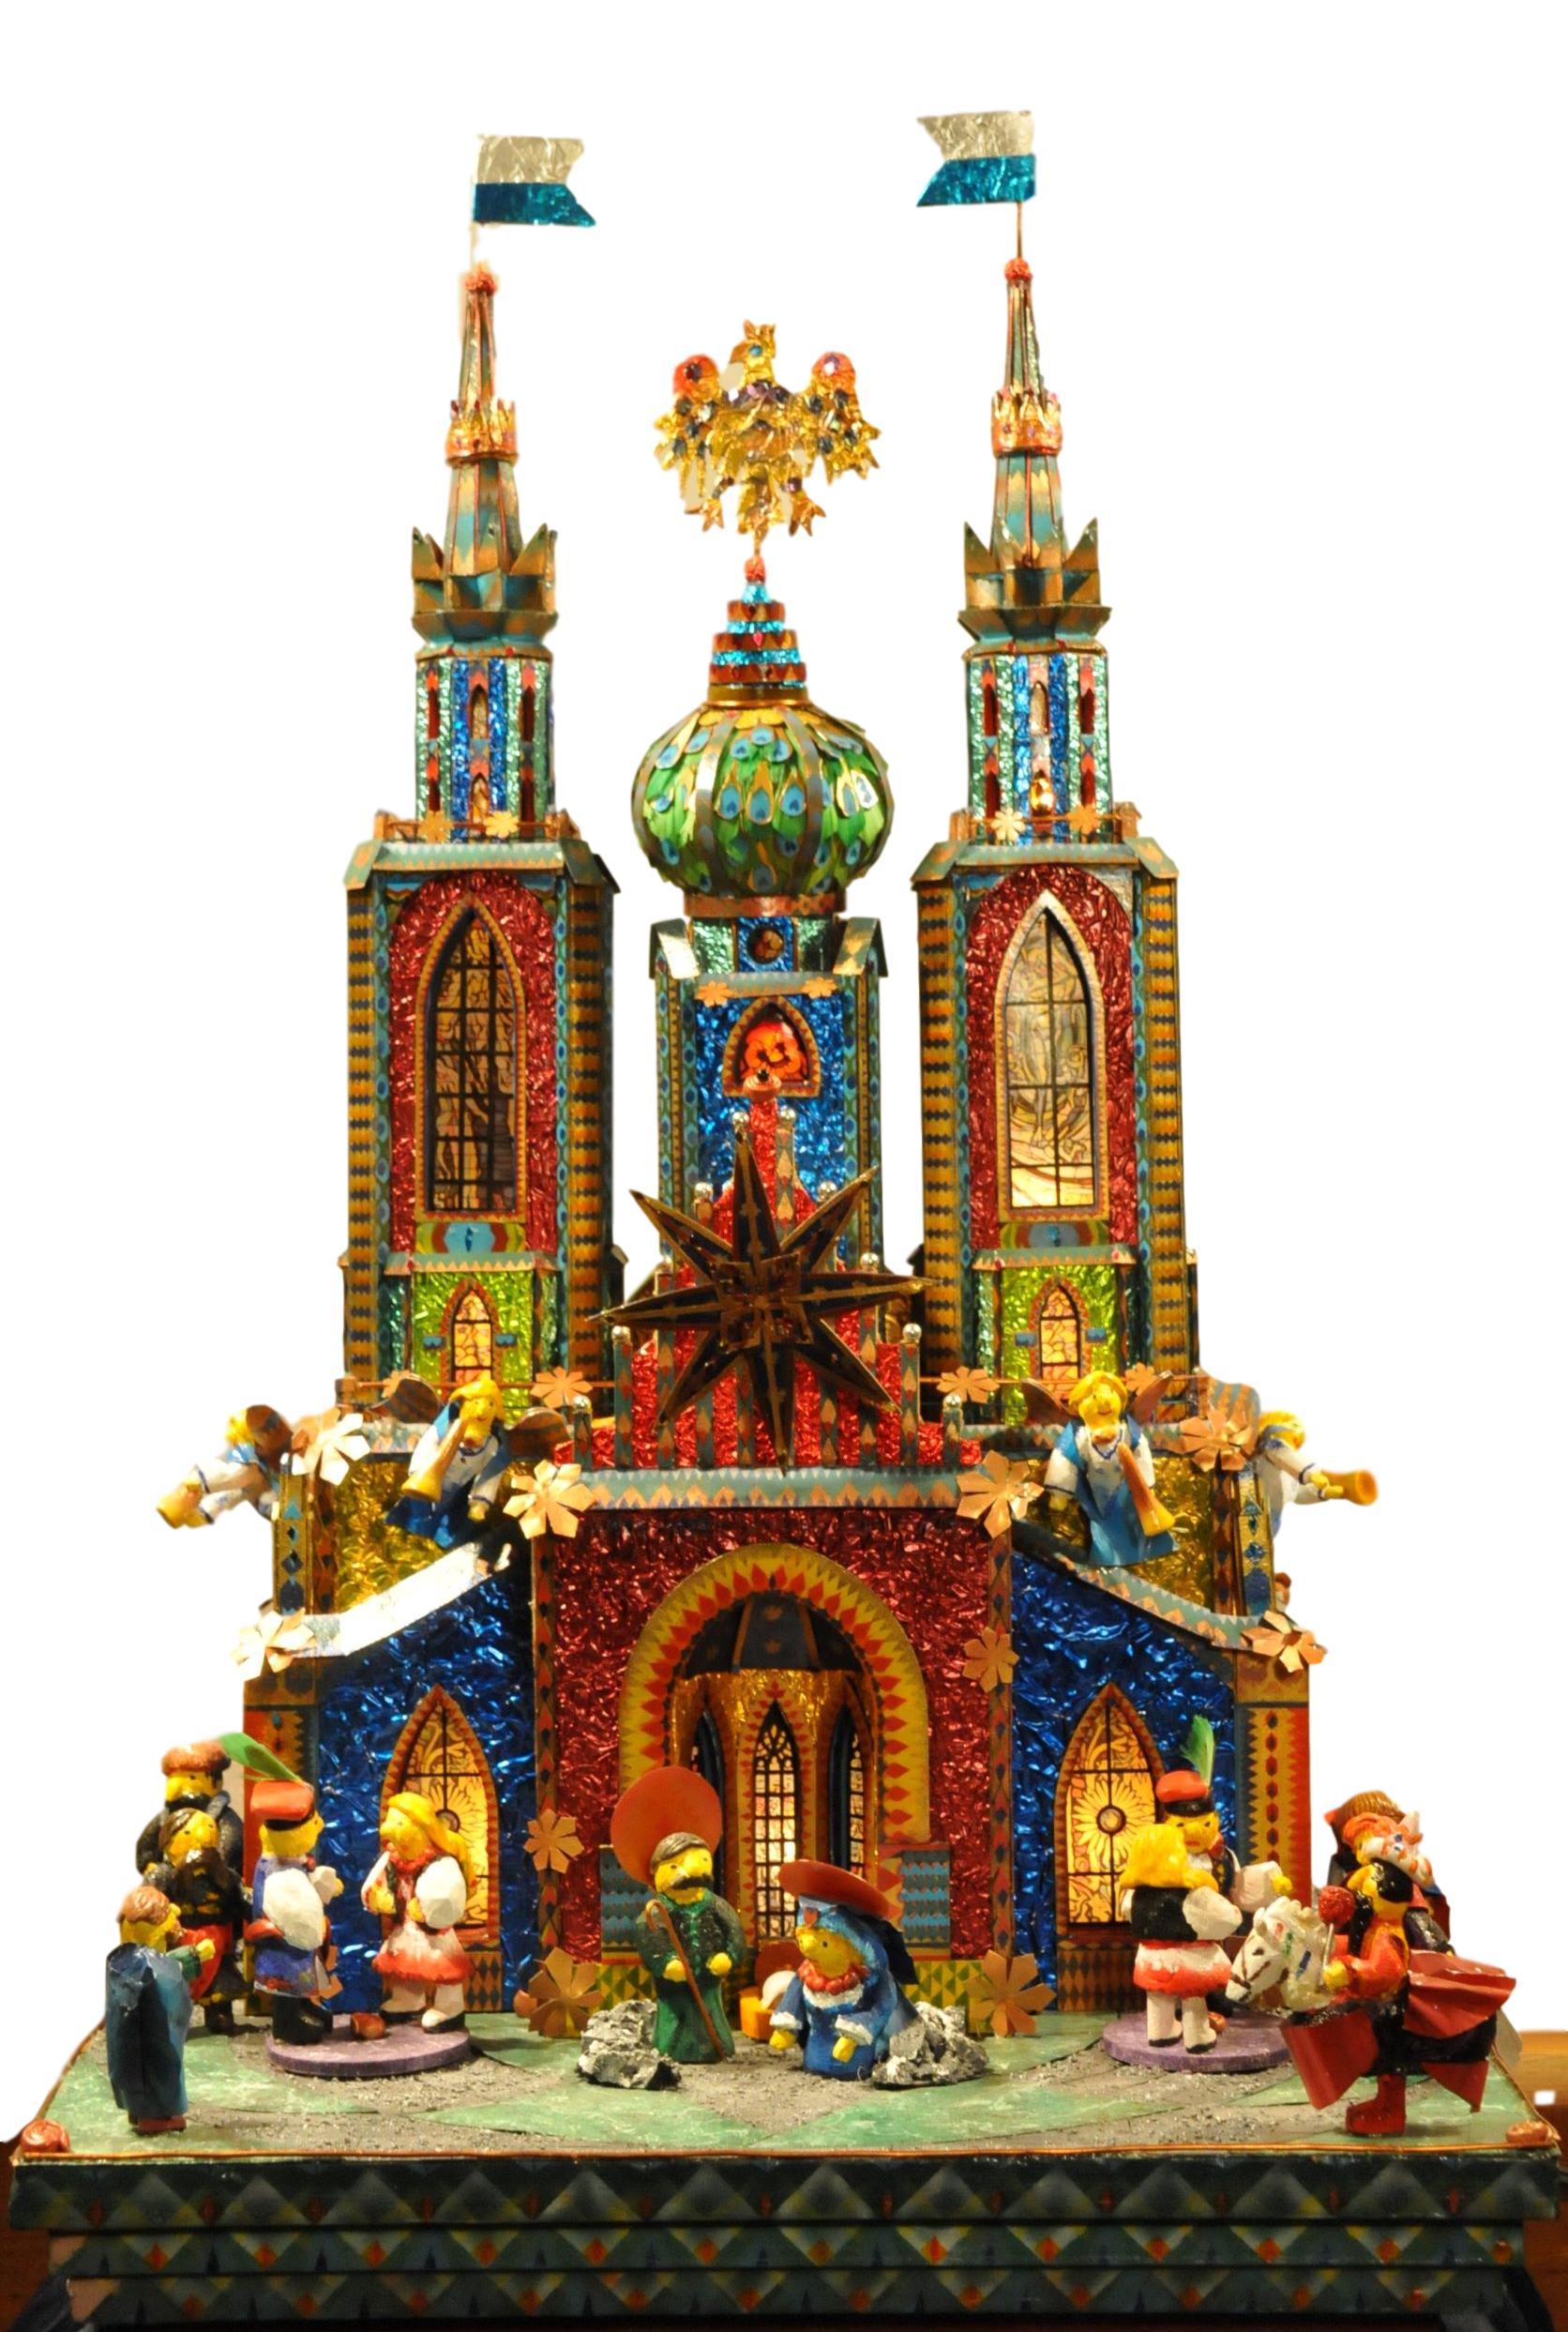 Wyspianski Krakow Nativity from the 75th Krakow szopka competition